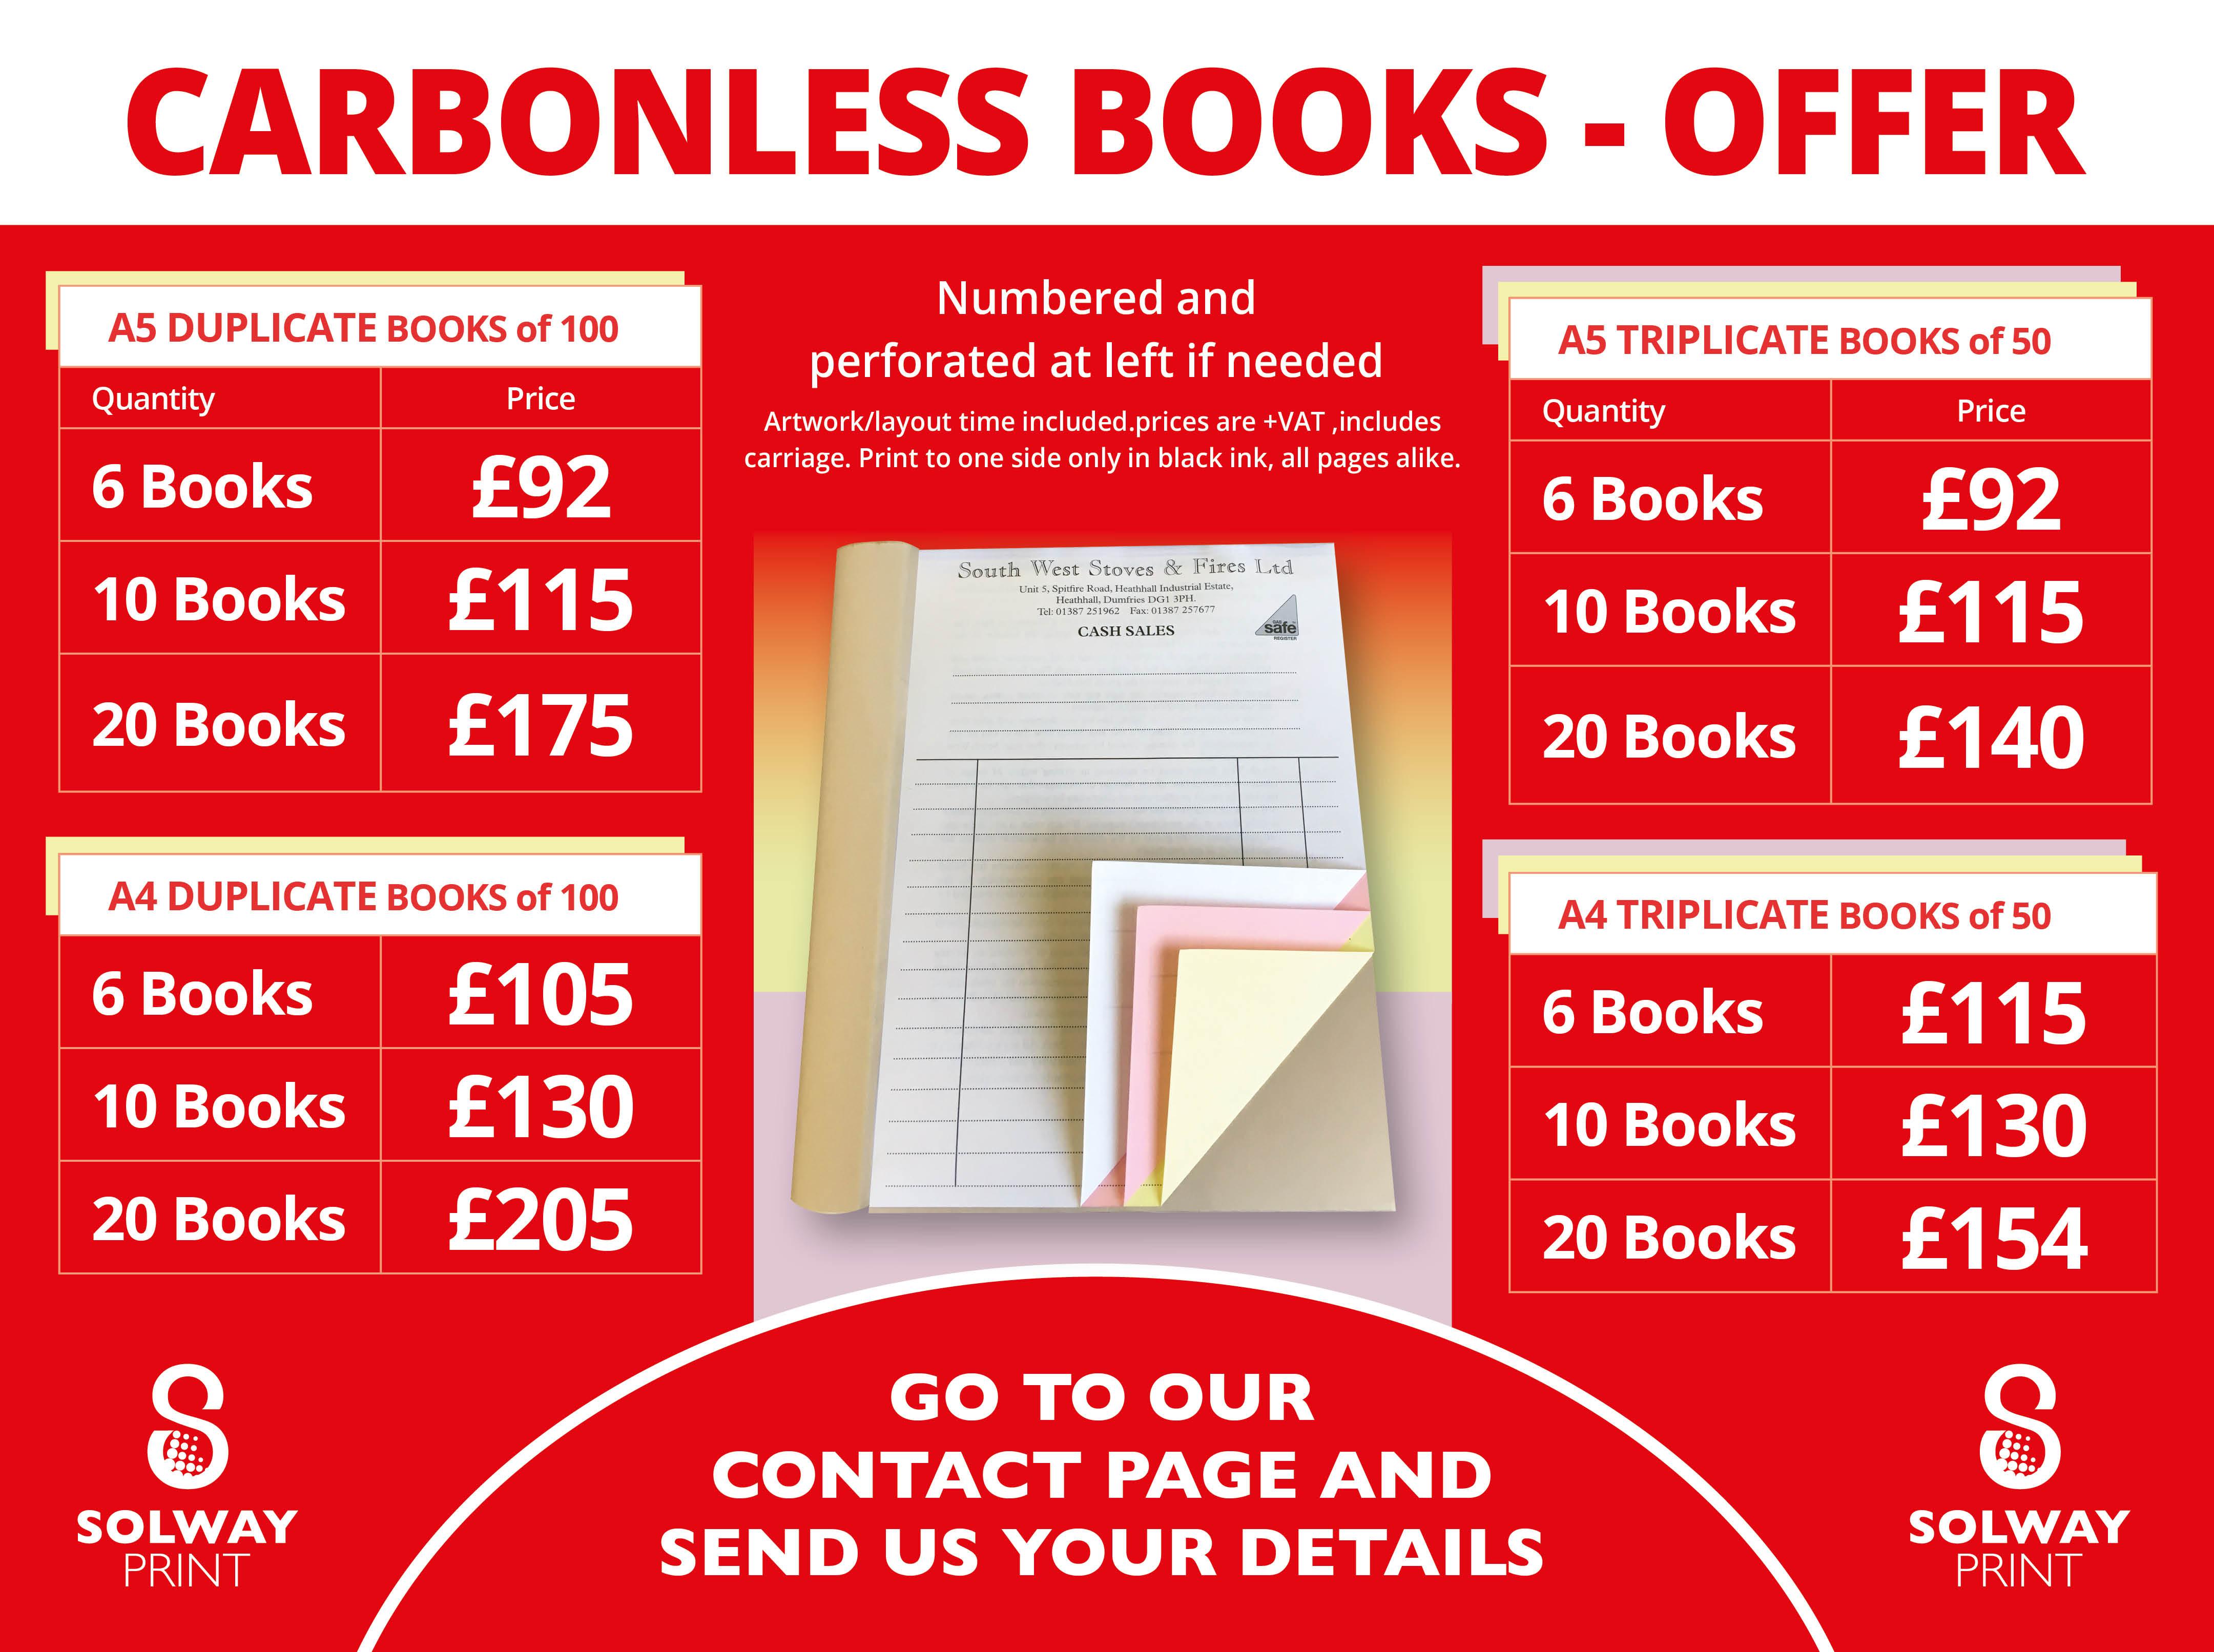 NCR Carbonless Books Offer